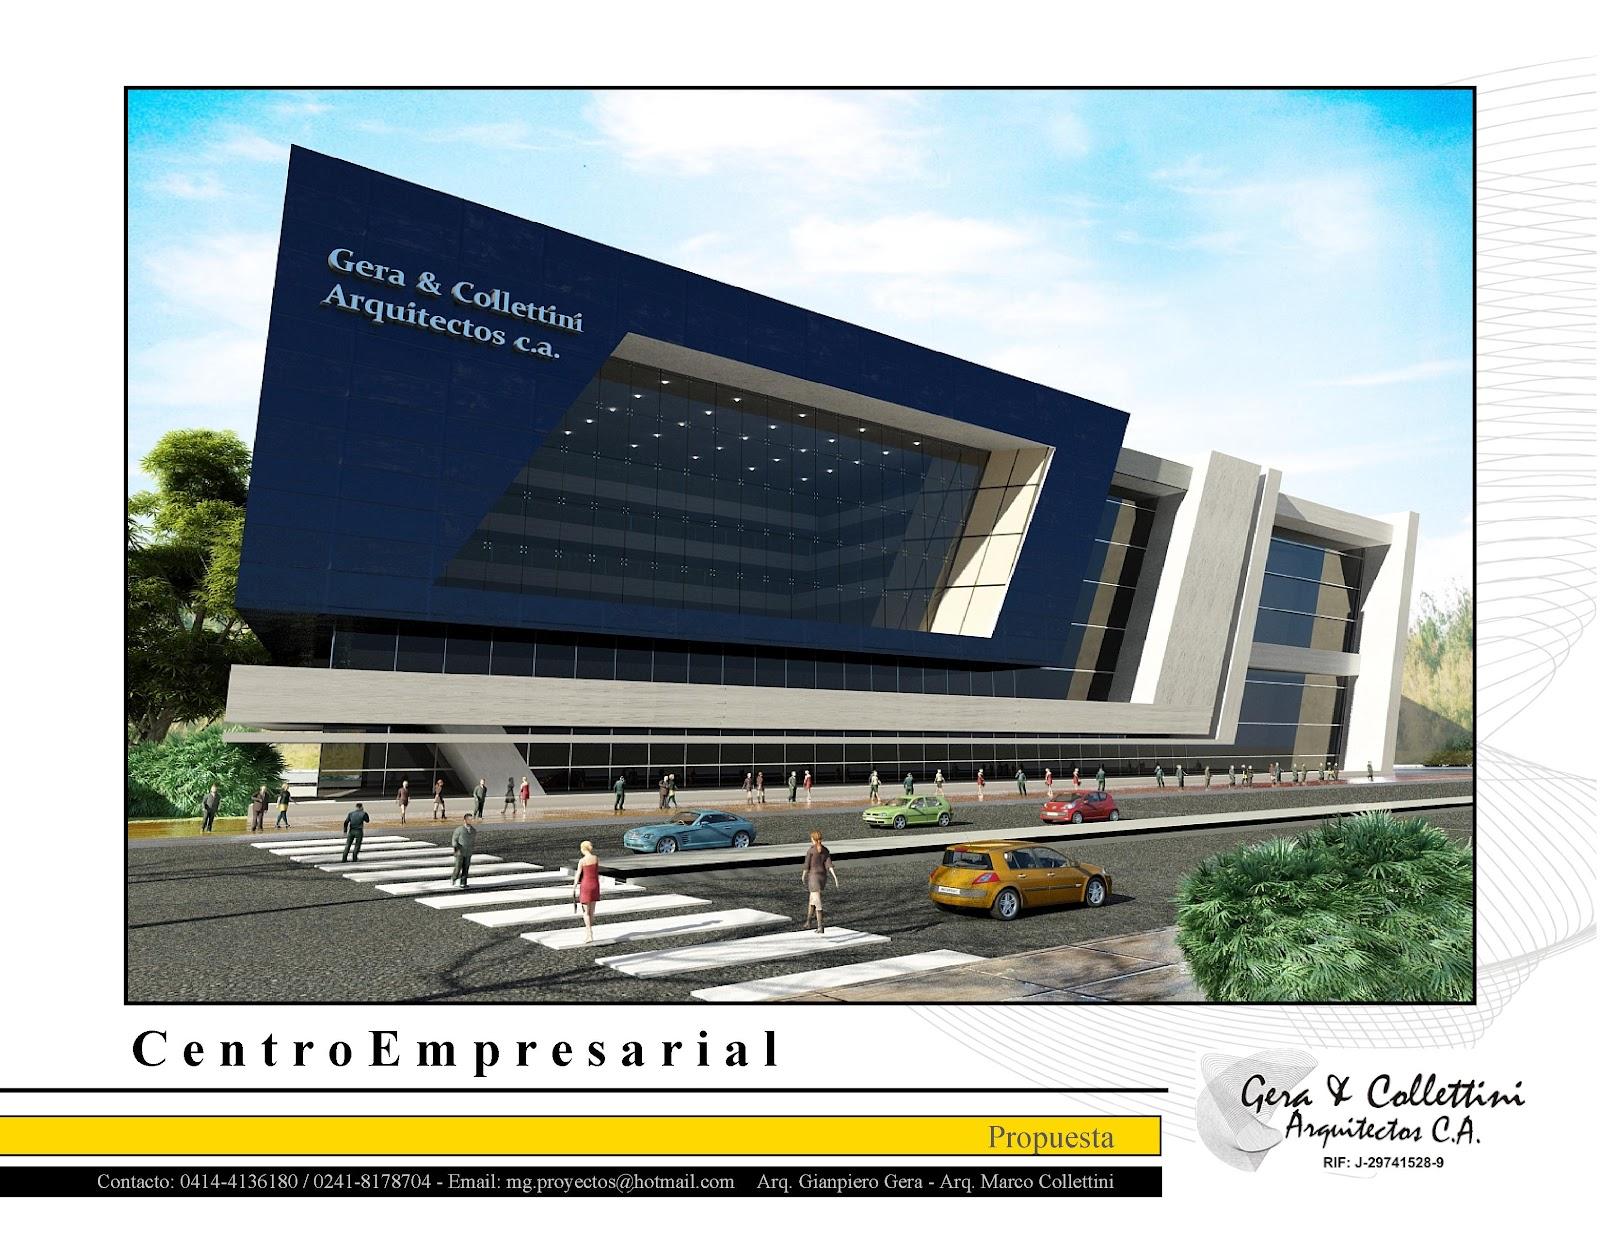 Gera collettini arquitectos c a servicios de for Empresas de arquitectura